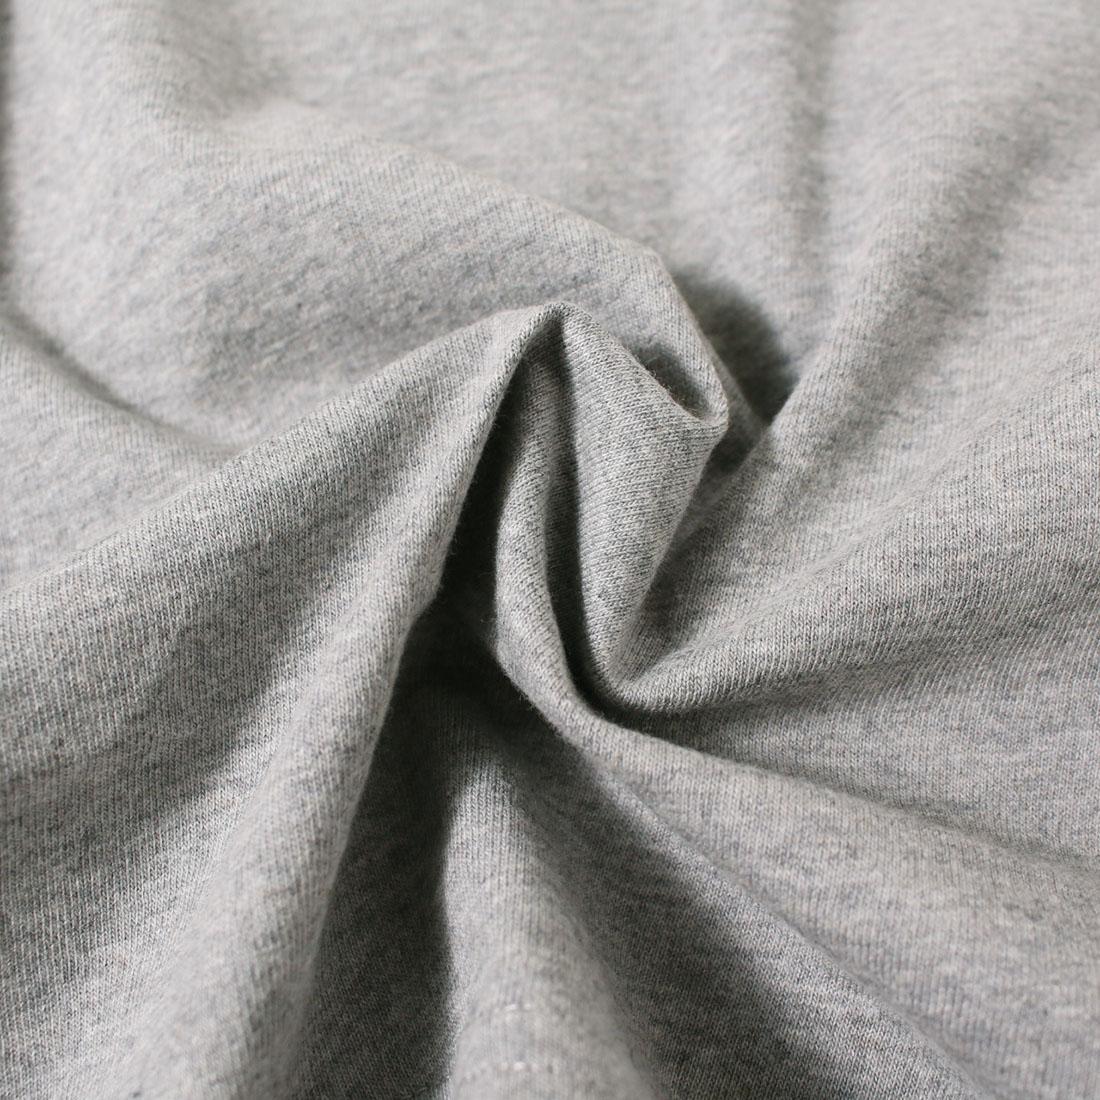 Champion チャンピオン Tシャツ 男の子 女の子 プチプラ 綿100 コットン ベビー キッズ ジュニアスクリプトロゴ 半袖Tシャツ(80cm 90cm 100cm 110cm 120cm 130cm 140cm 150cm 160cm)半袖Tシャツ【メール便可】